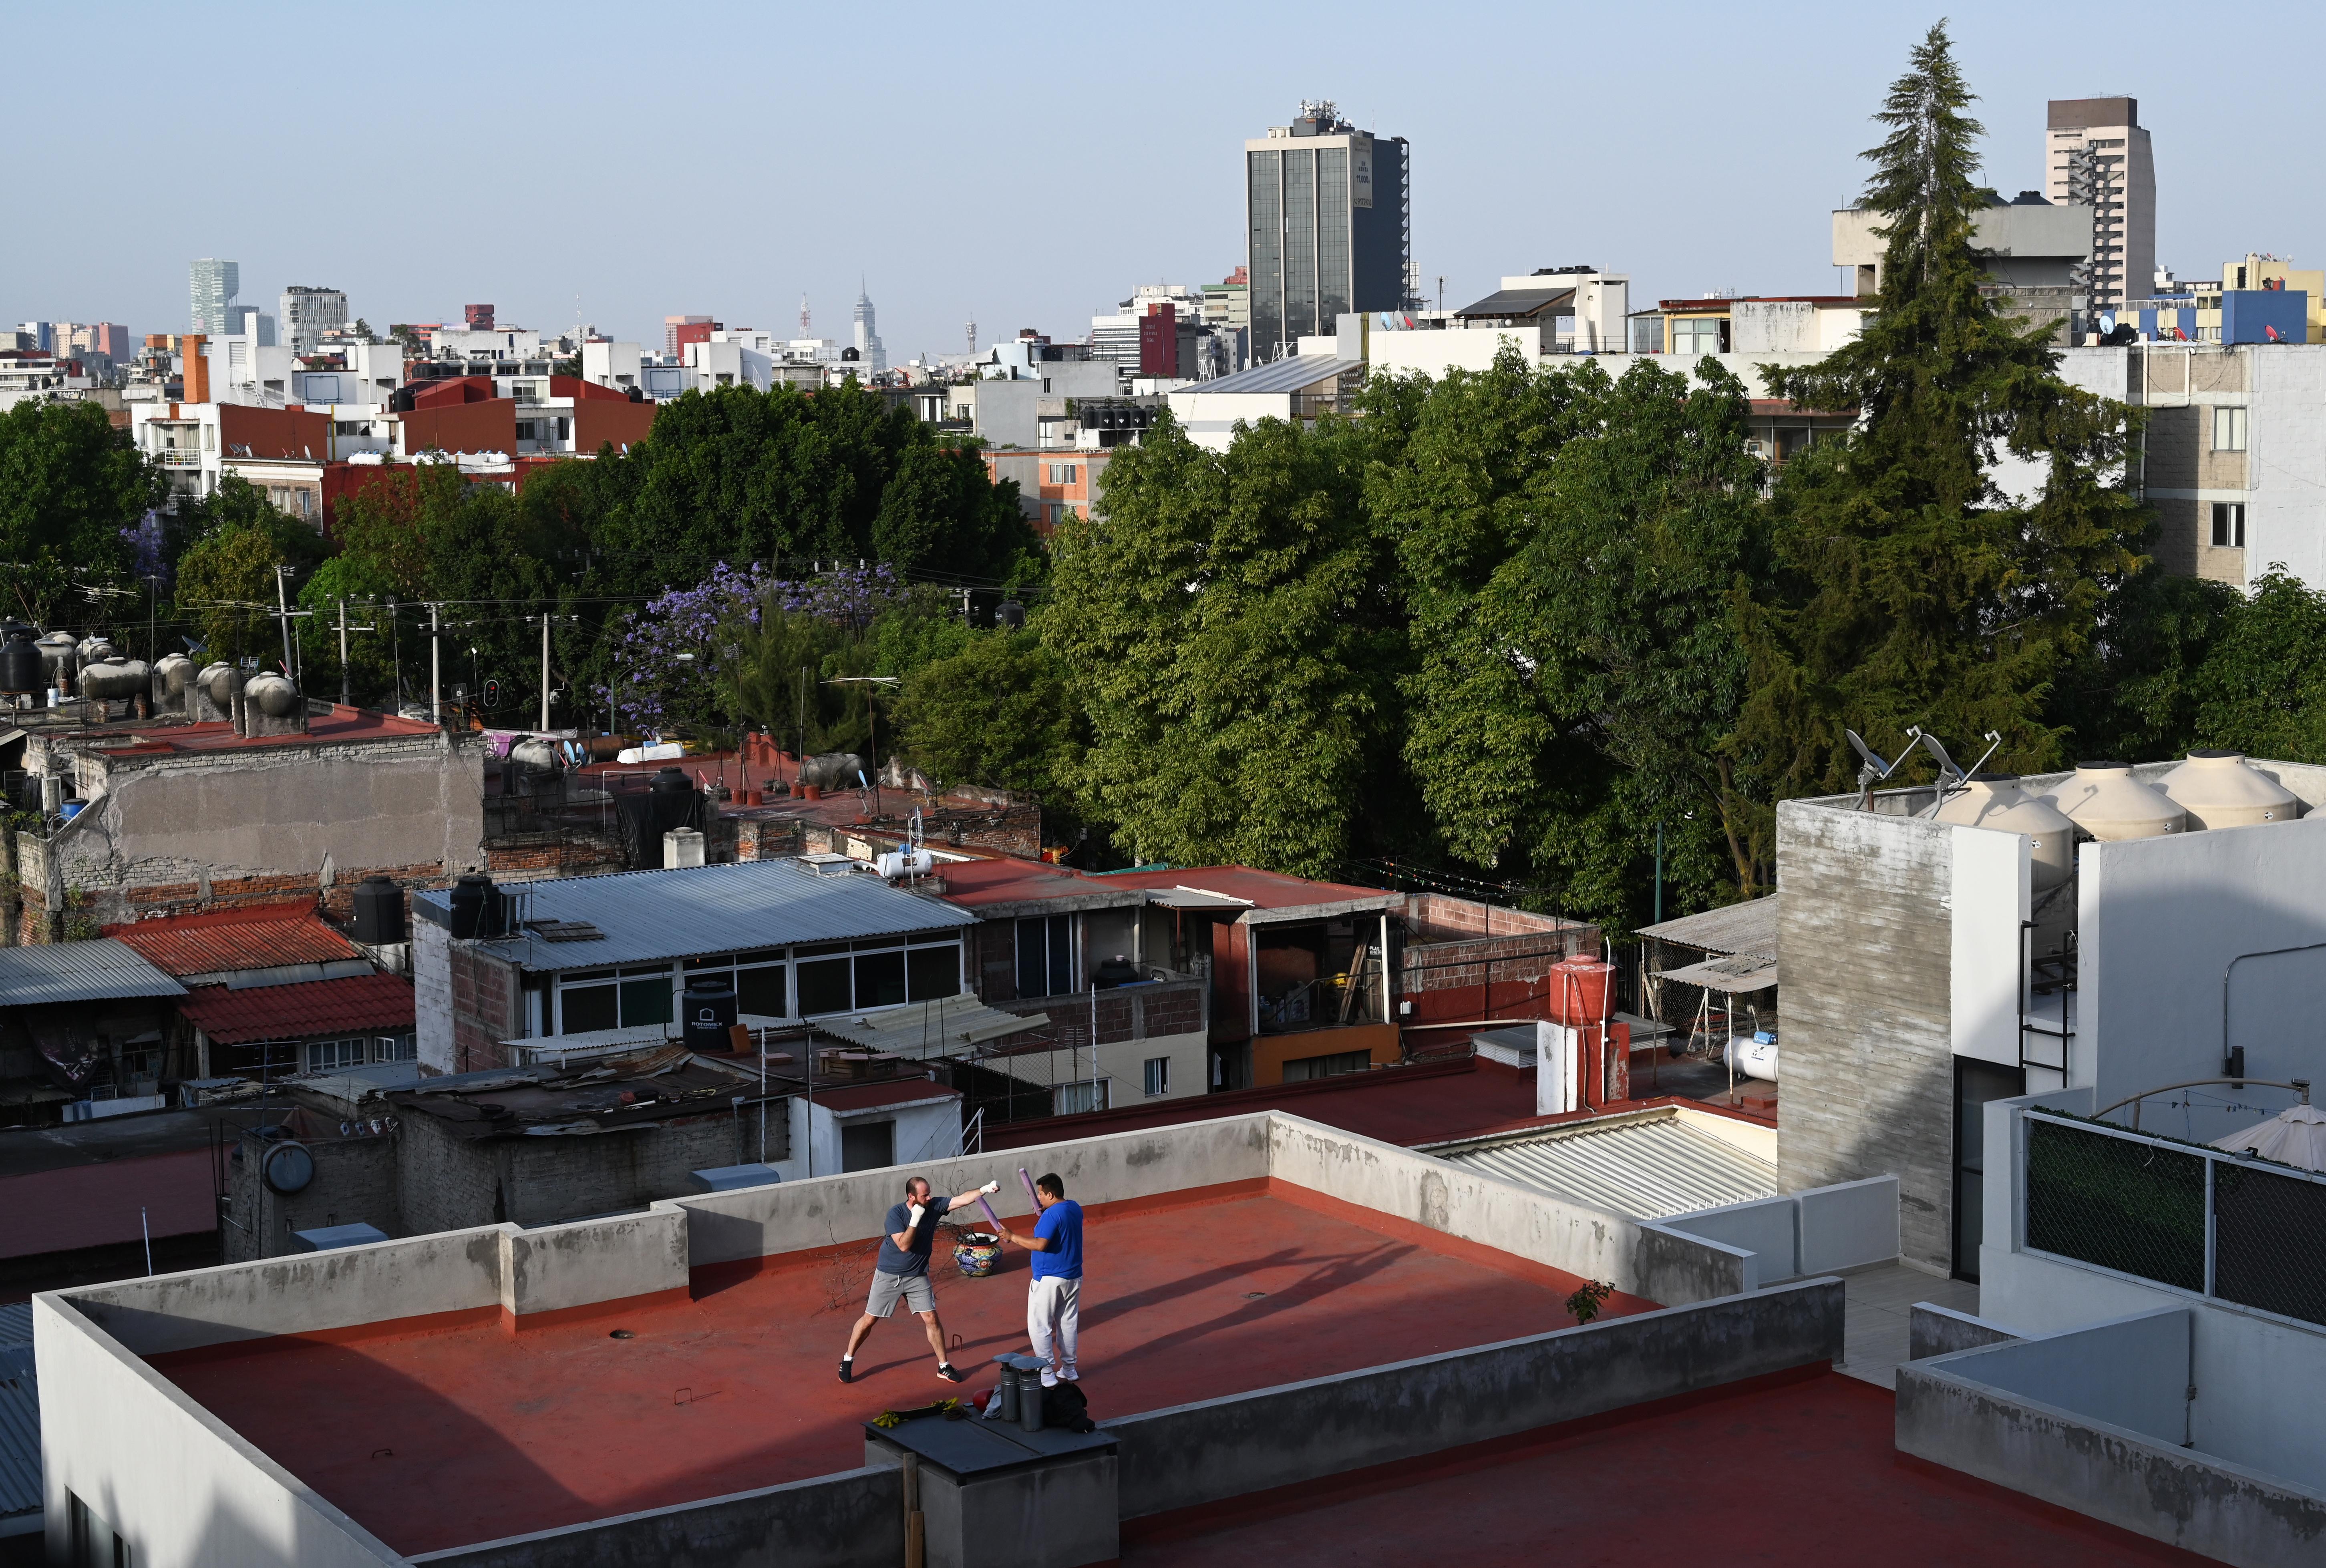 Un hombre practica boxeo con su entrenador en la azotea de un edificio en la Ciudad de México el 31 de marzo de 2020 durante la nueva pandemia de coronavirus COVID-19.